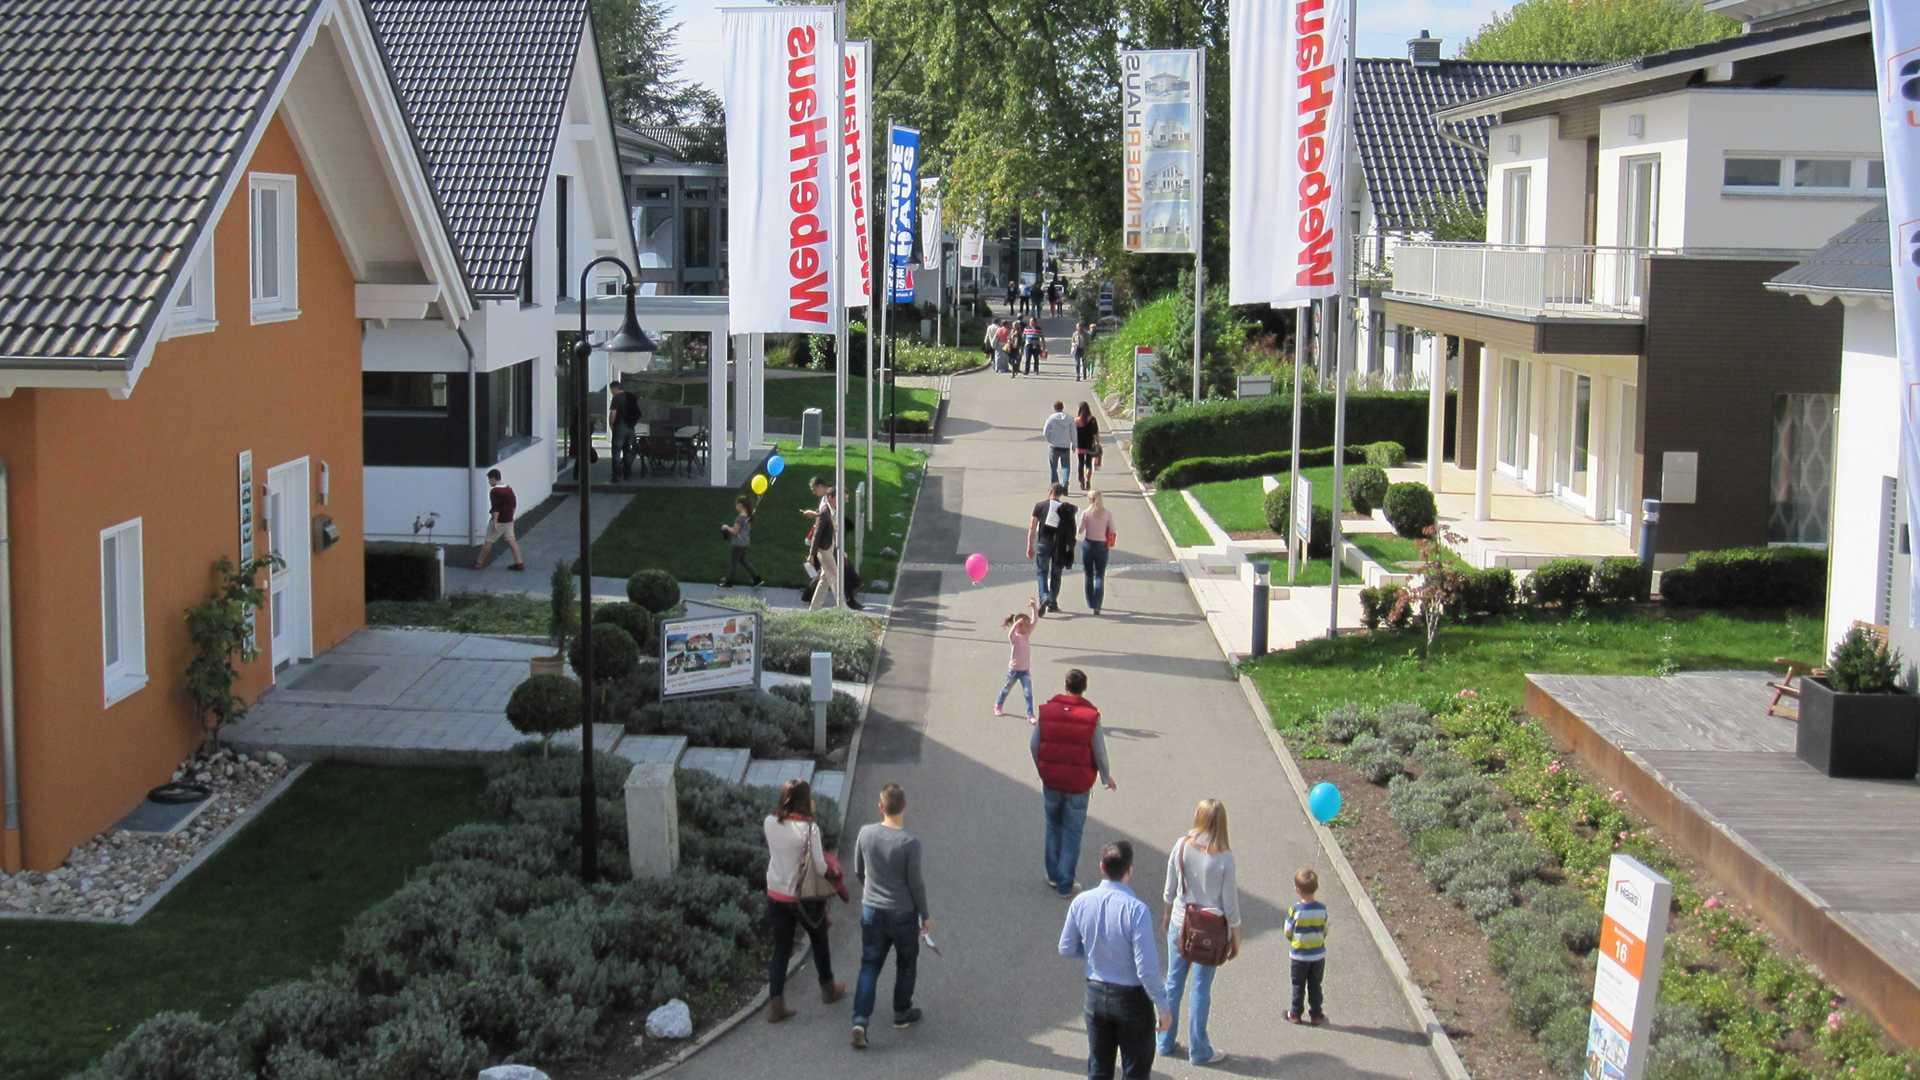 ^ Musterhausausstellung Musterhauspark Fellbach bei Stuttgart